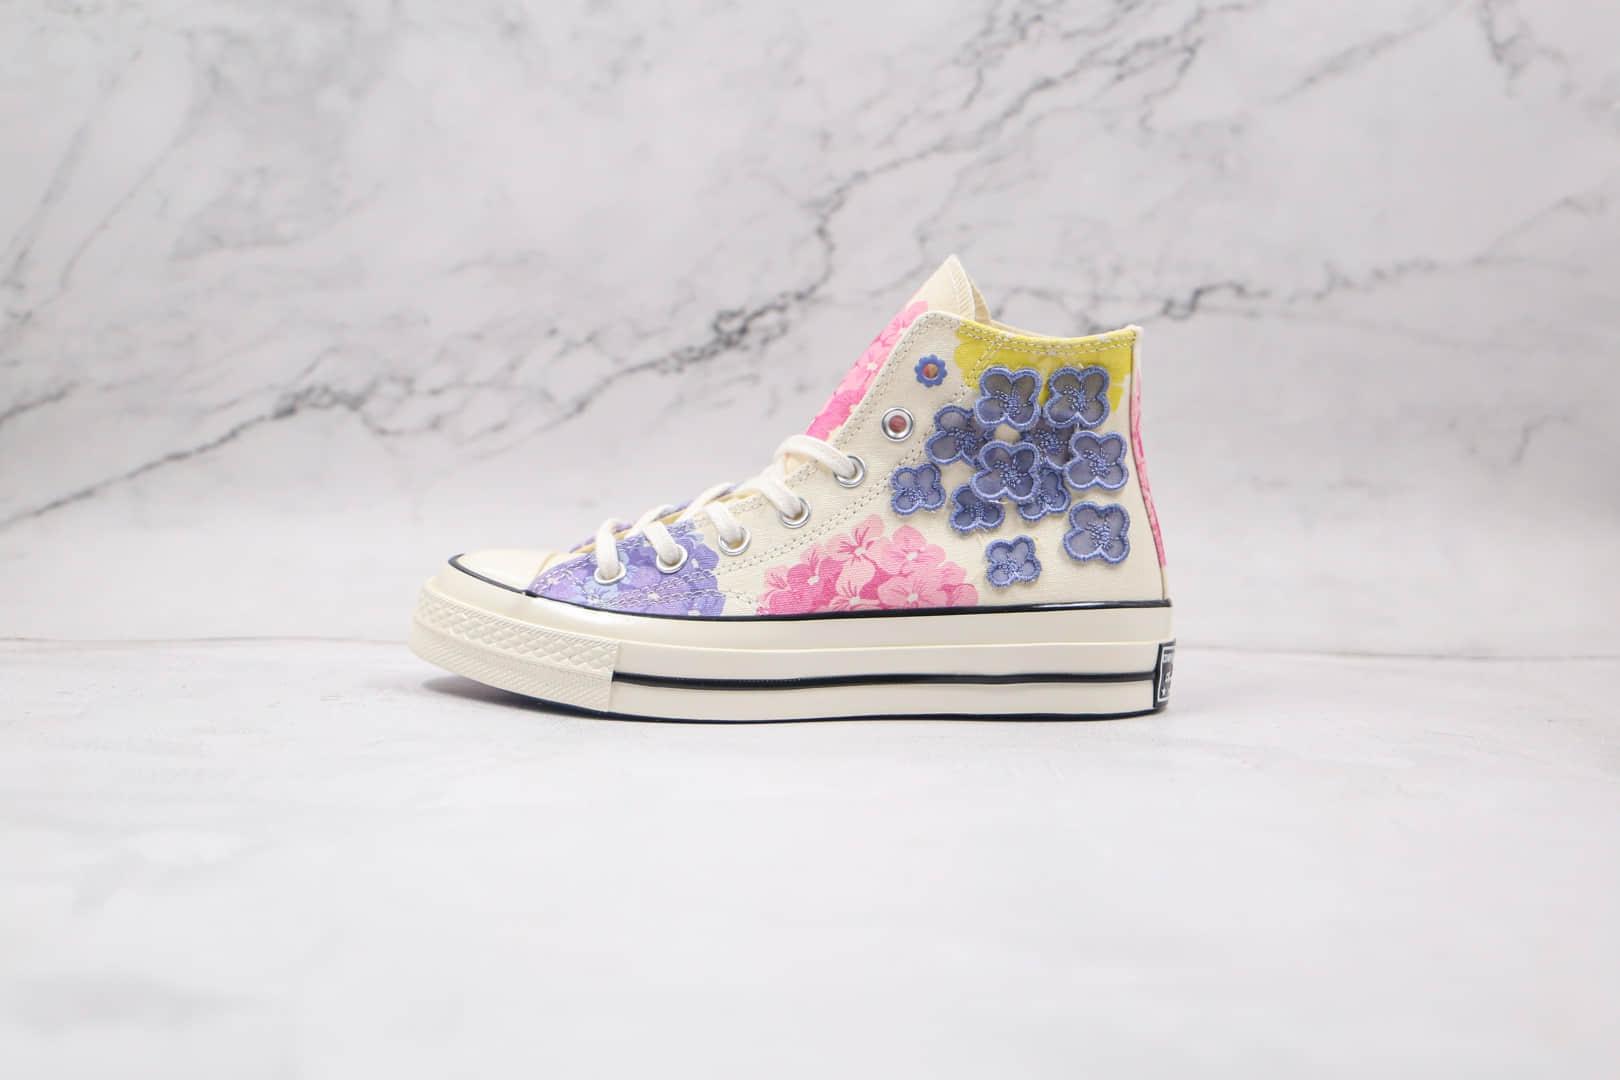 匡威Converse 2021 1970s公司级版本高帮1970S花卉图案硫化板鞋原楦头纸板打造